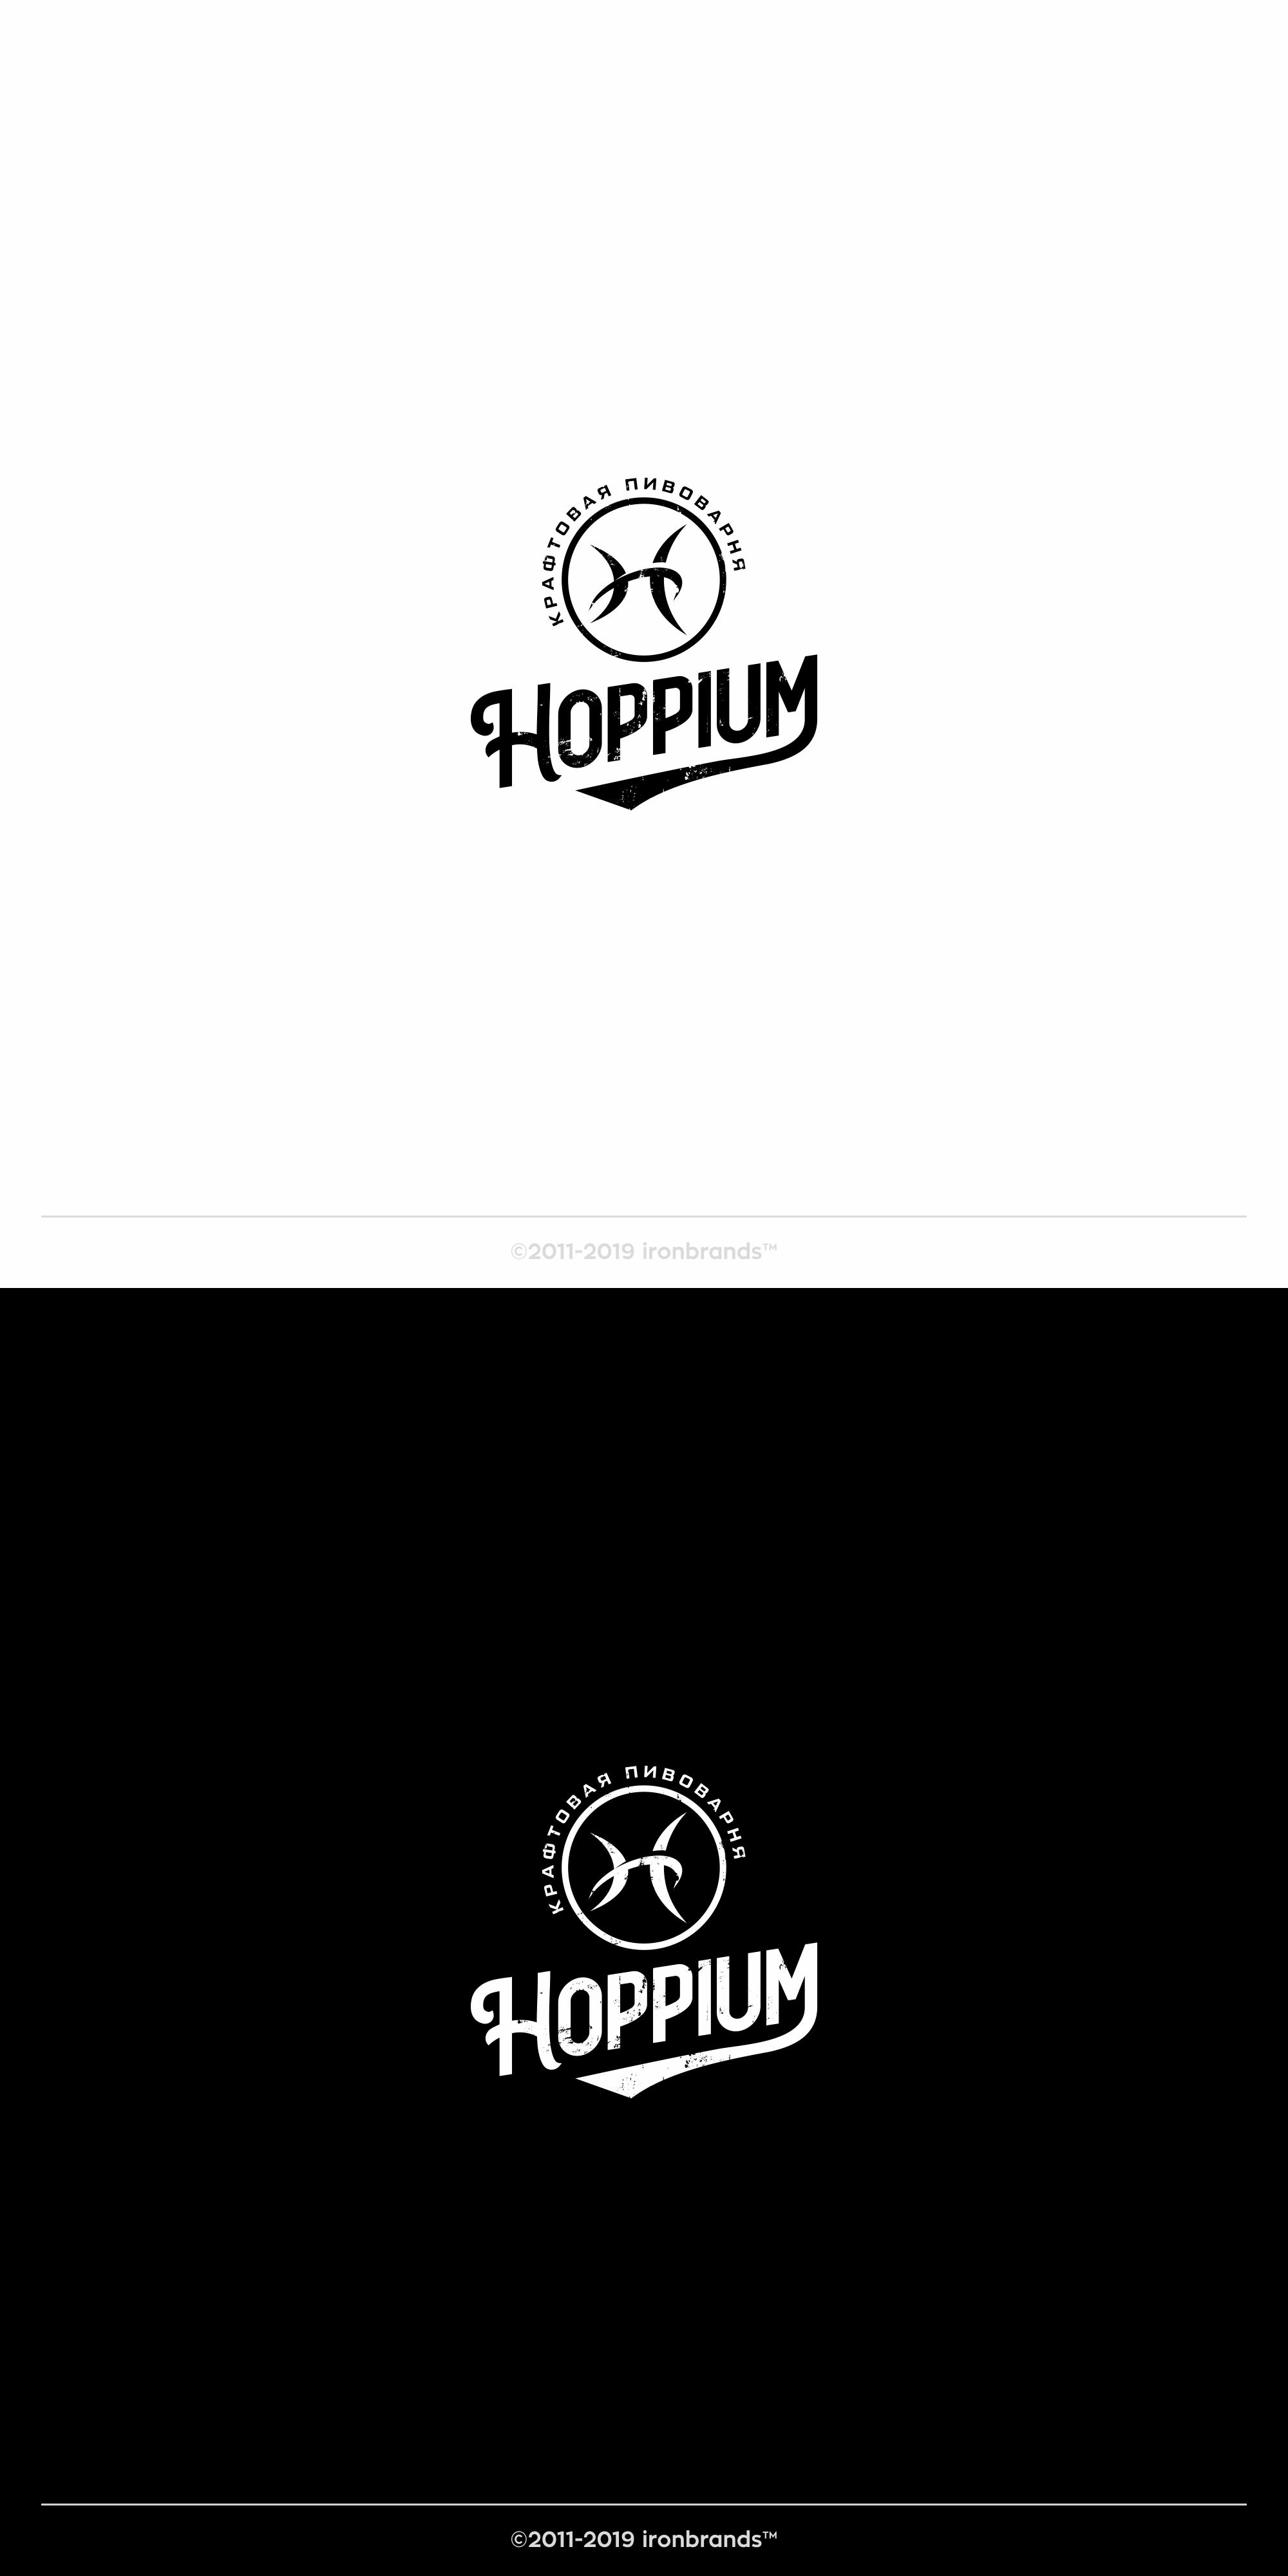 Логотип + Ценники для подмосковной крафтовой пивоварни фото f_9485dc53d13aab8a.jpg